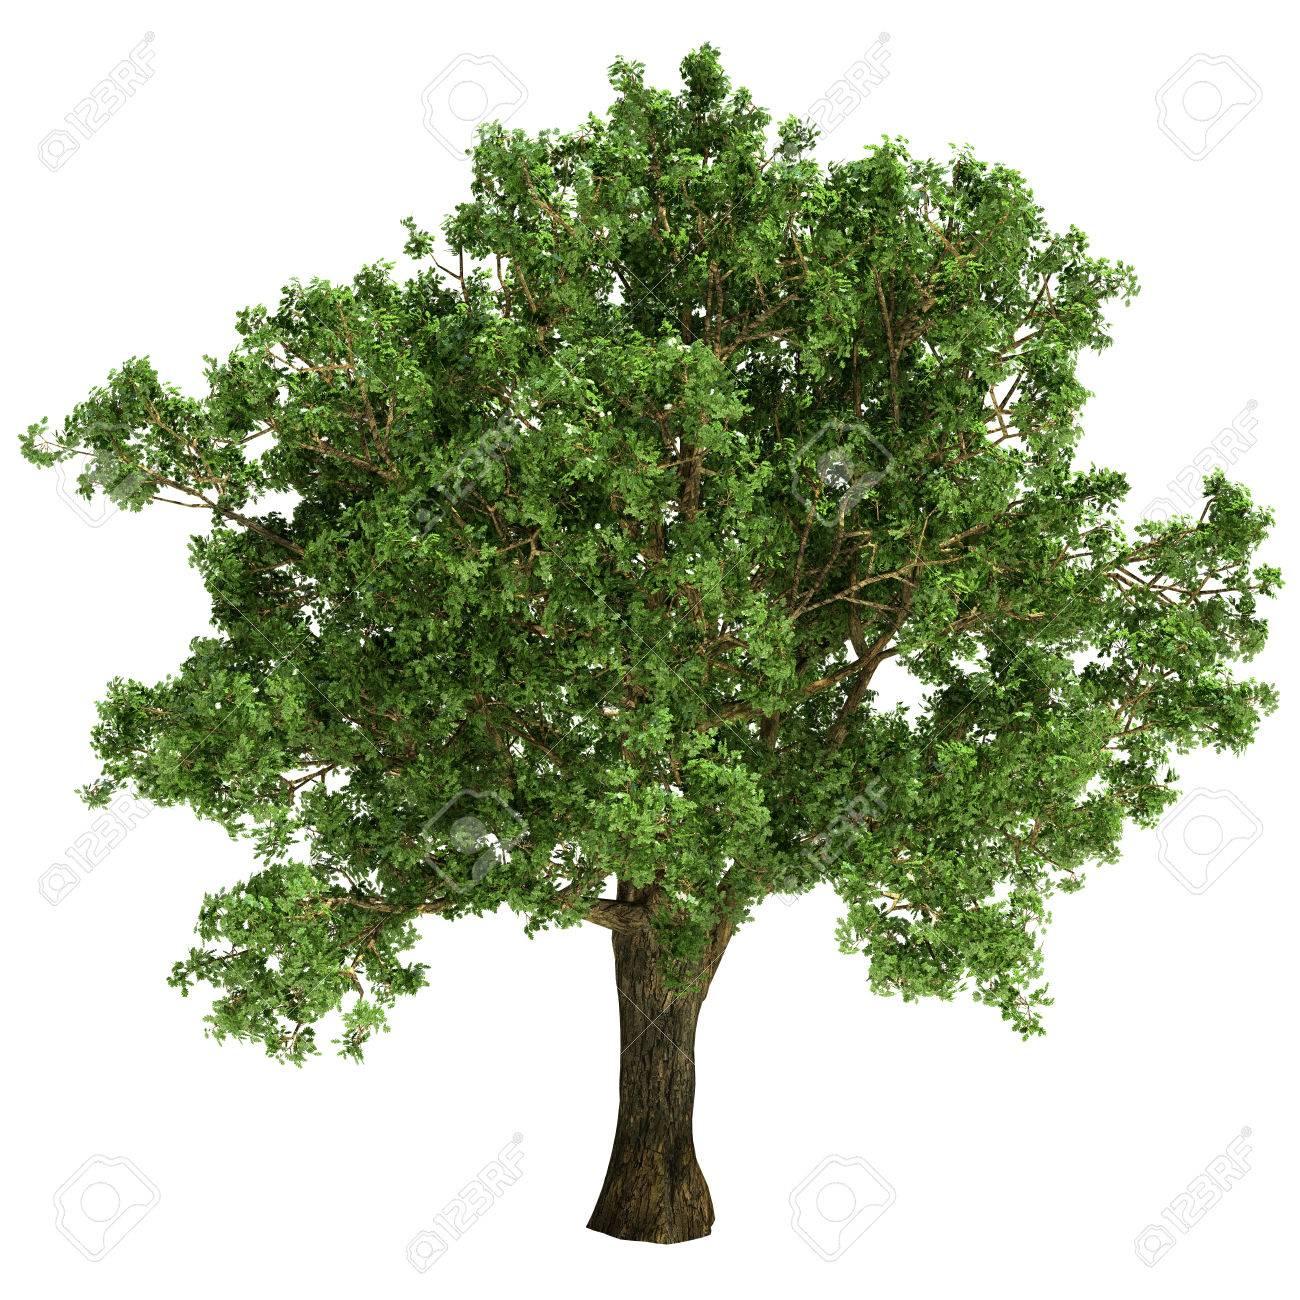 petit arbre de chene isole sur fond blanc banque d images et photos libres de droits image 22690044